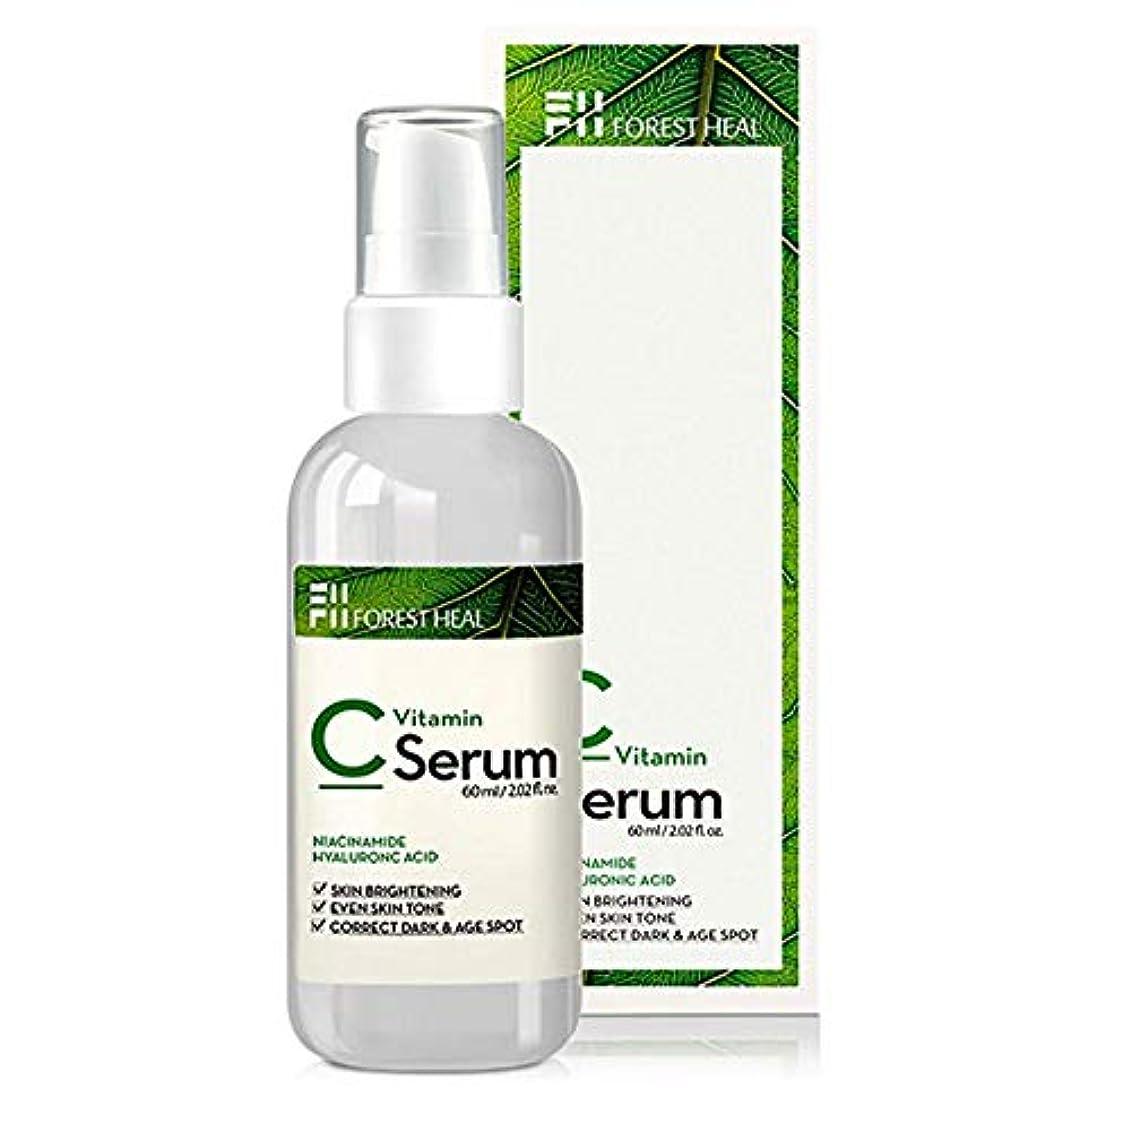 スカーフ不屈血色の良いフォレストヒール Cセラム FOREST HEAL VITAMIN C Serum オーガニック ビタミンセラム ビタミン美容液 肌トラブル改善 敏感肌 トラブル肌 ツヤ肌 すべすべ肌 透明感 美白 セラム 美容液